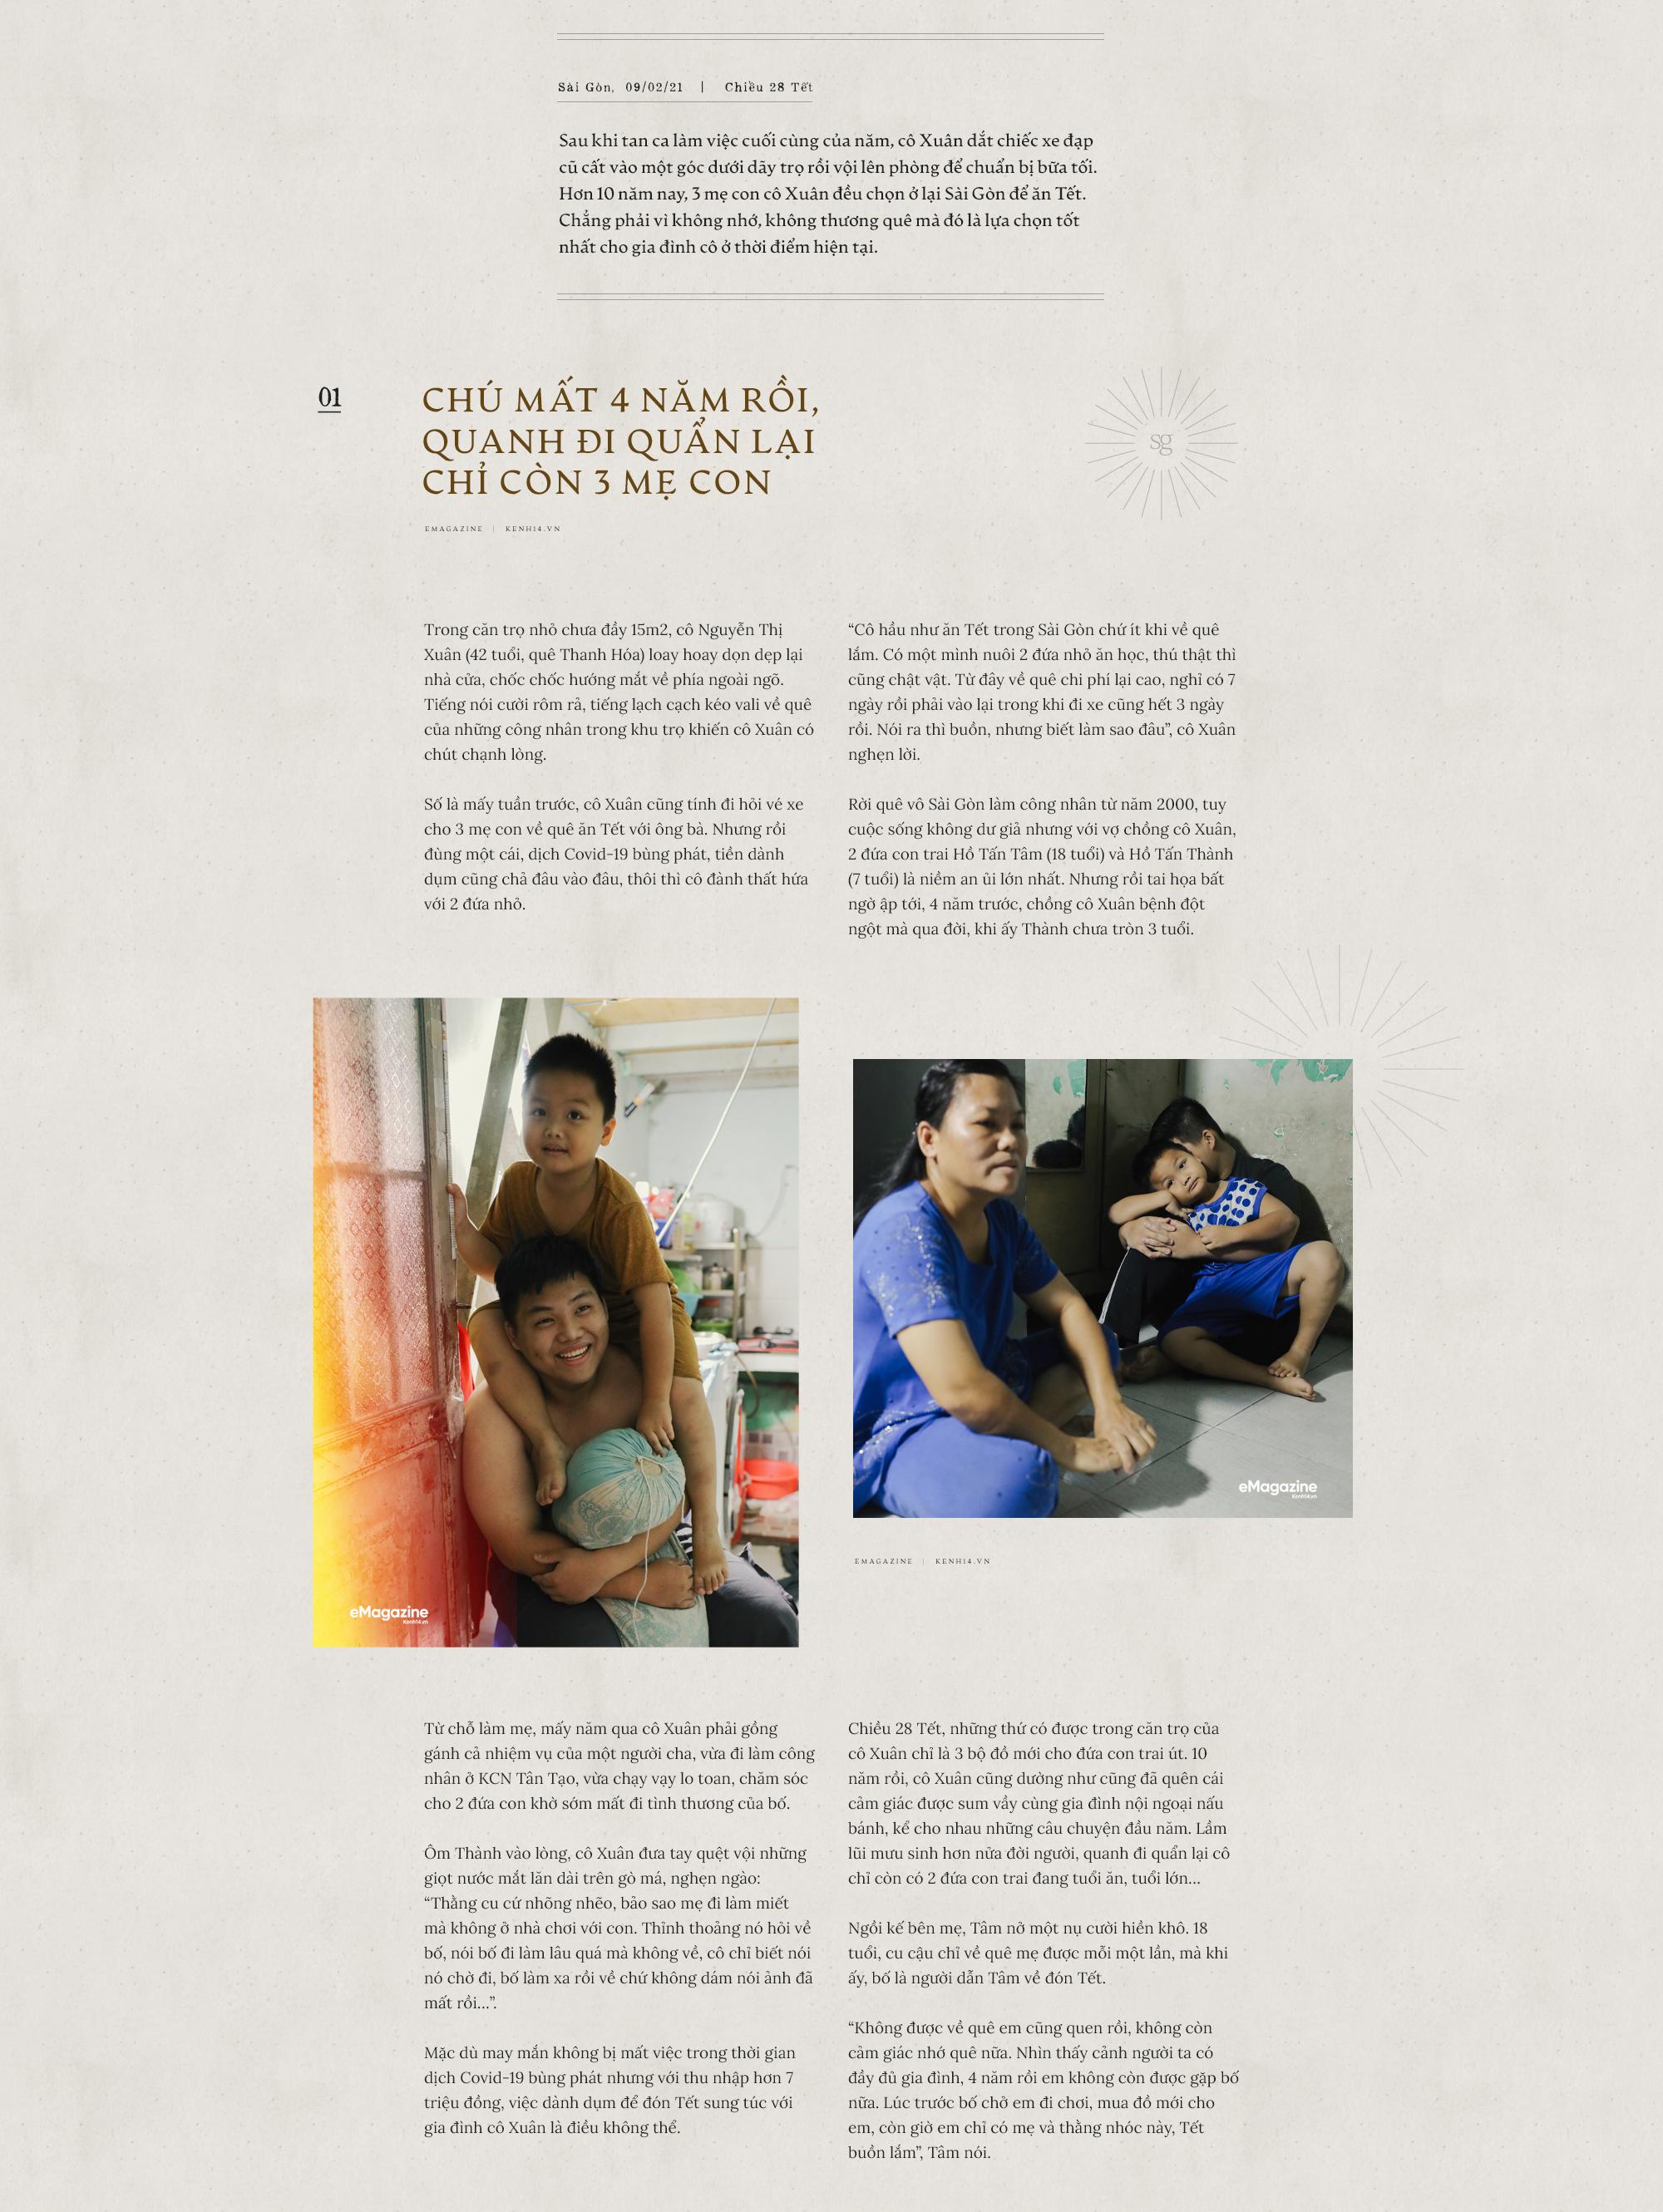 Chuyện những người công nhân ở lại Sài Gòn ăn Tết: Rồi ai cũng có Tết, chỉ cần cả gia đình ở bên nhau... - Ảnh 1.